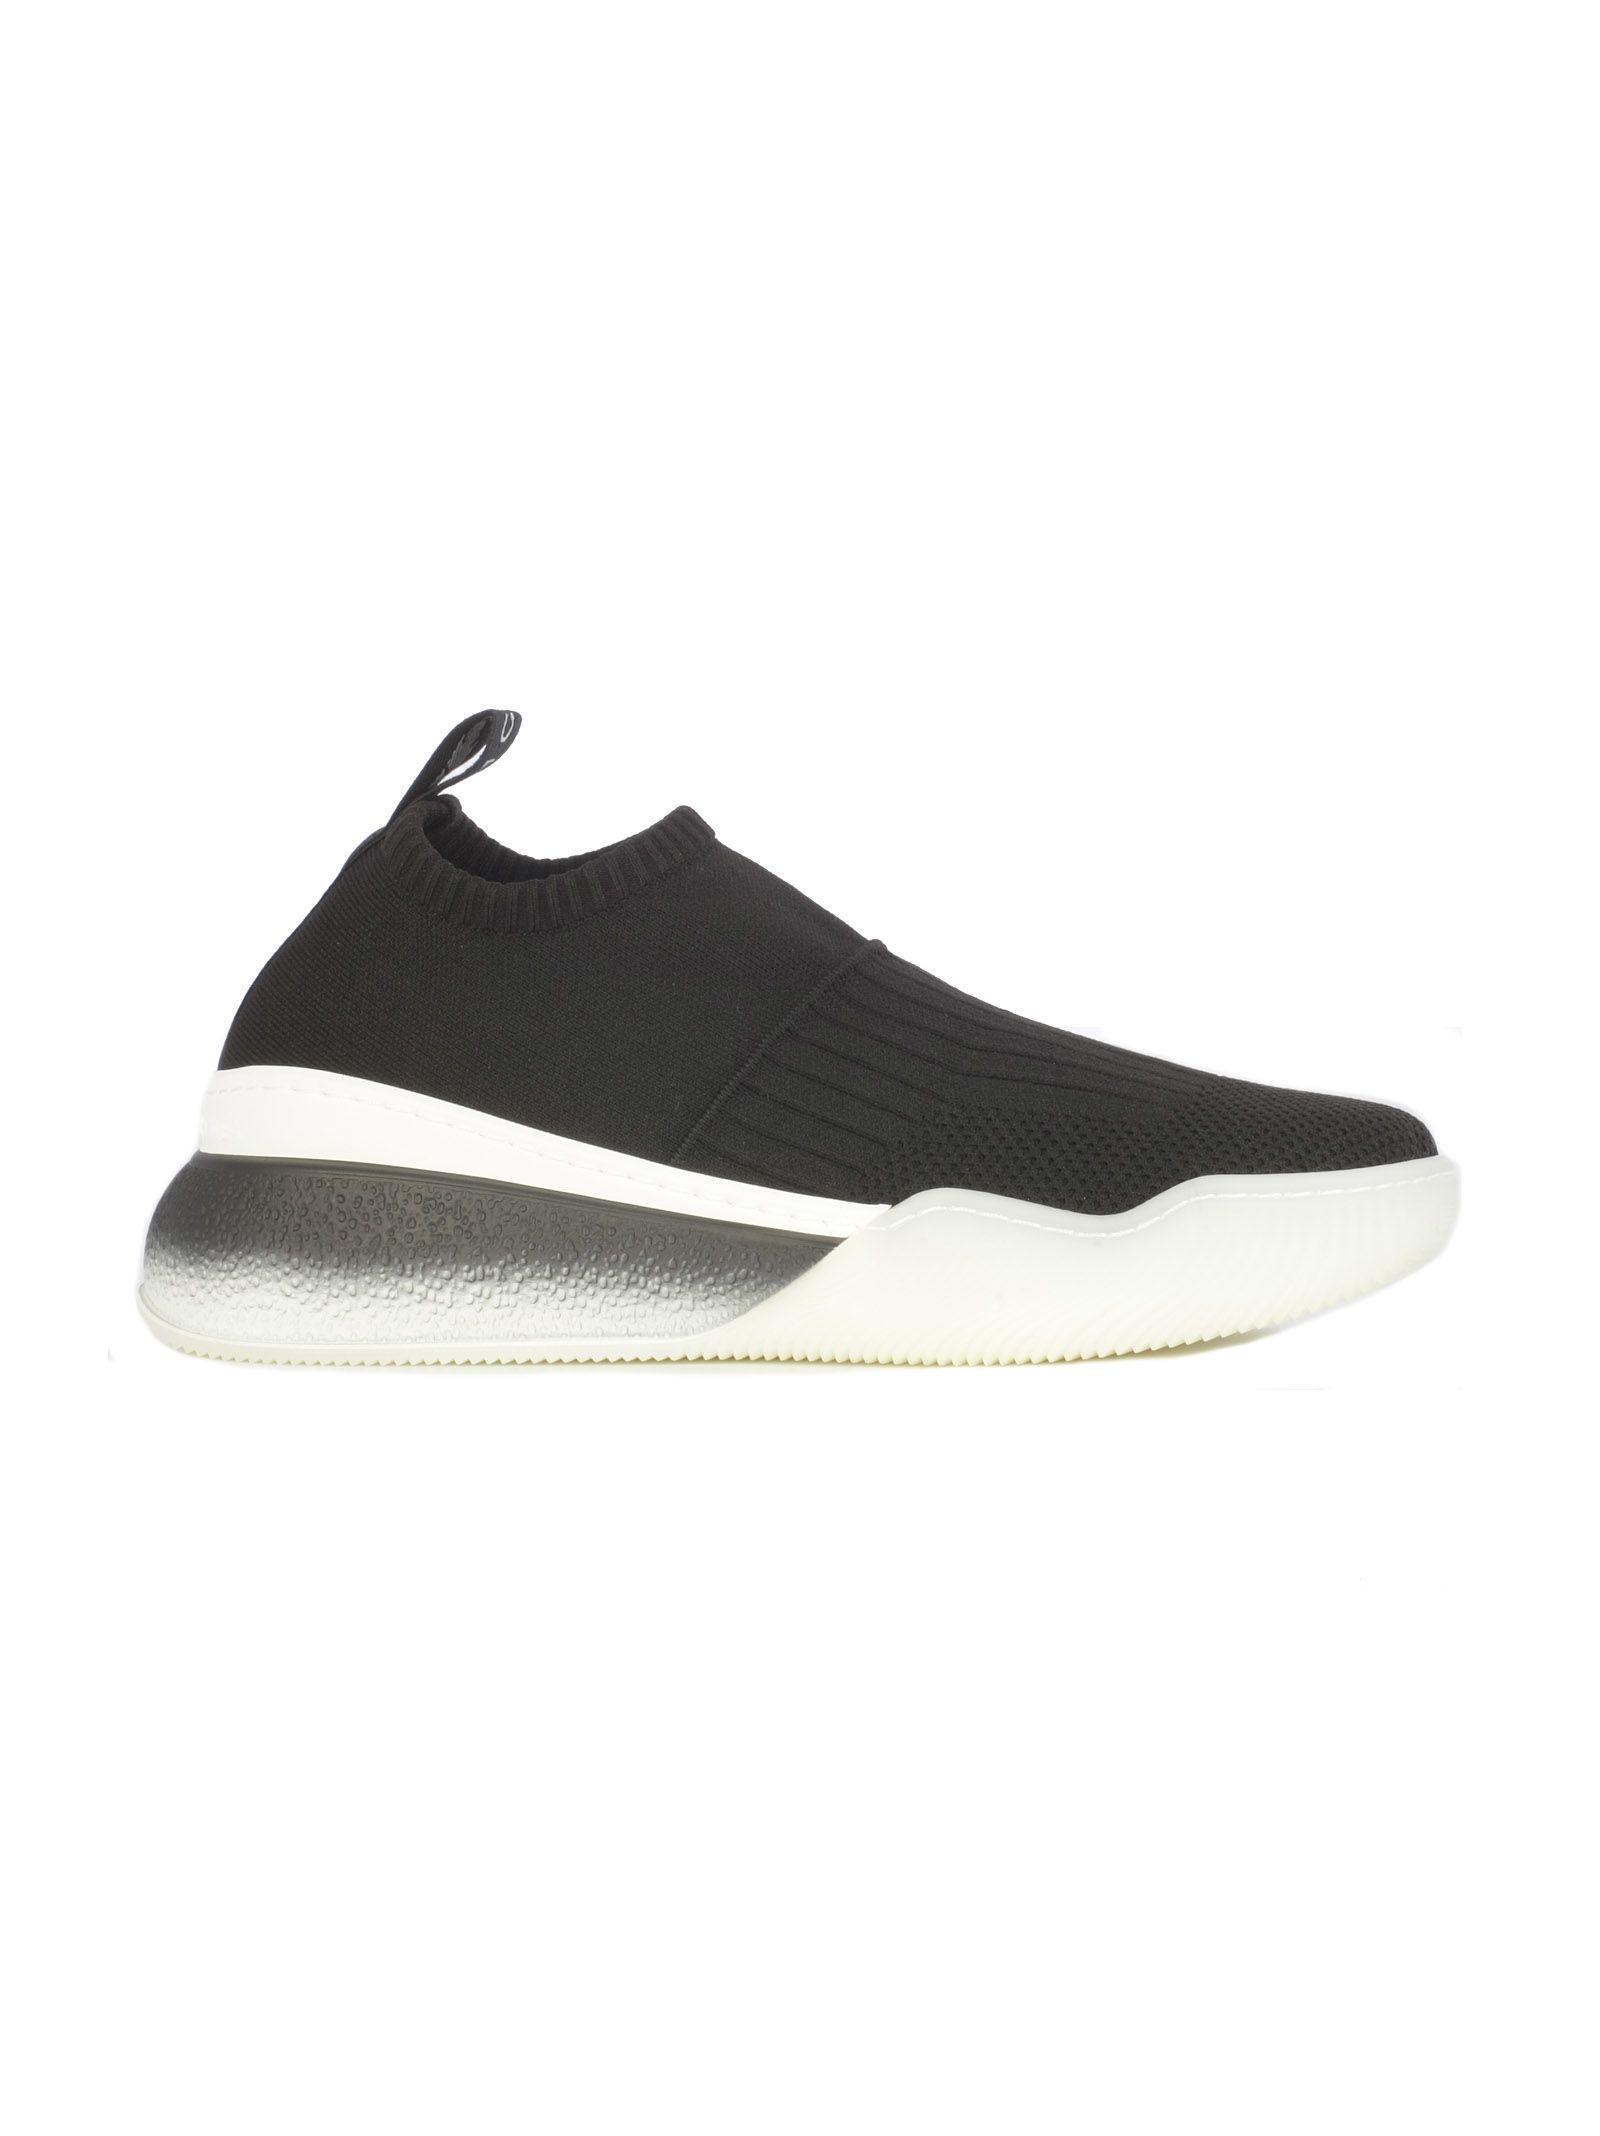 Stella Mccartney Loop Faro Fitzroy Sneakers